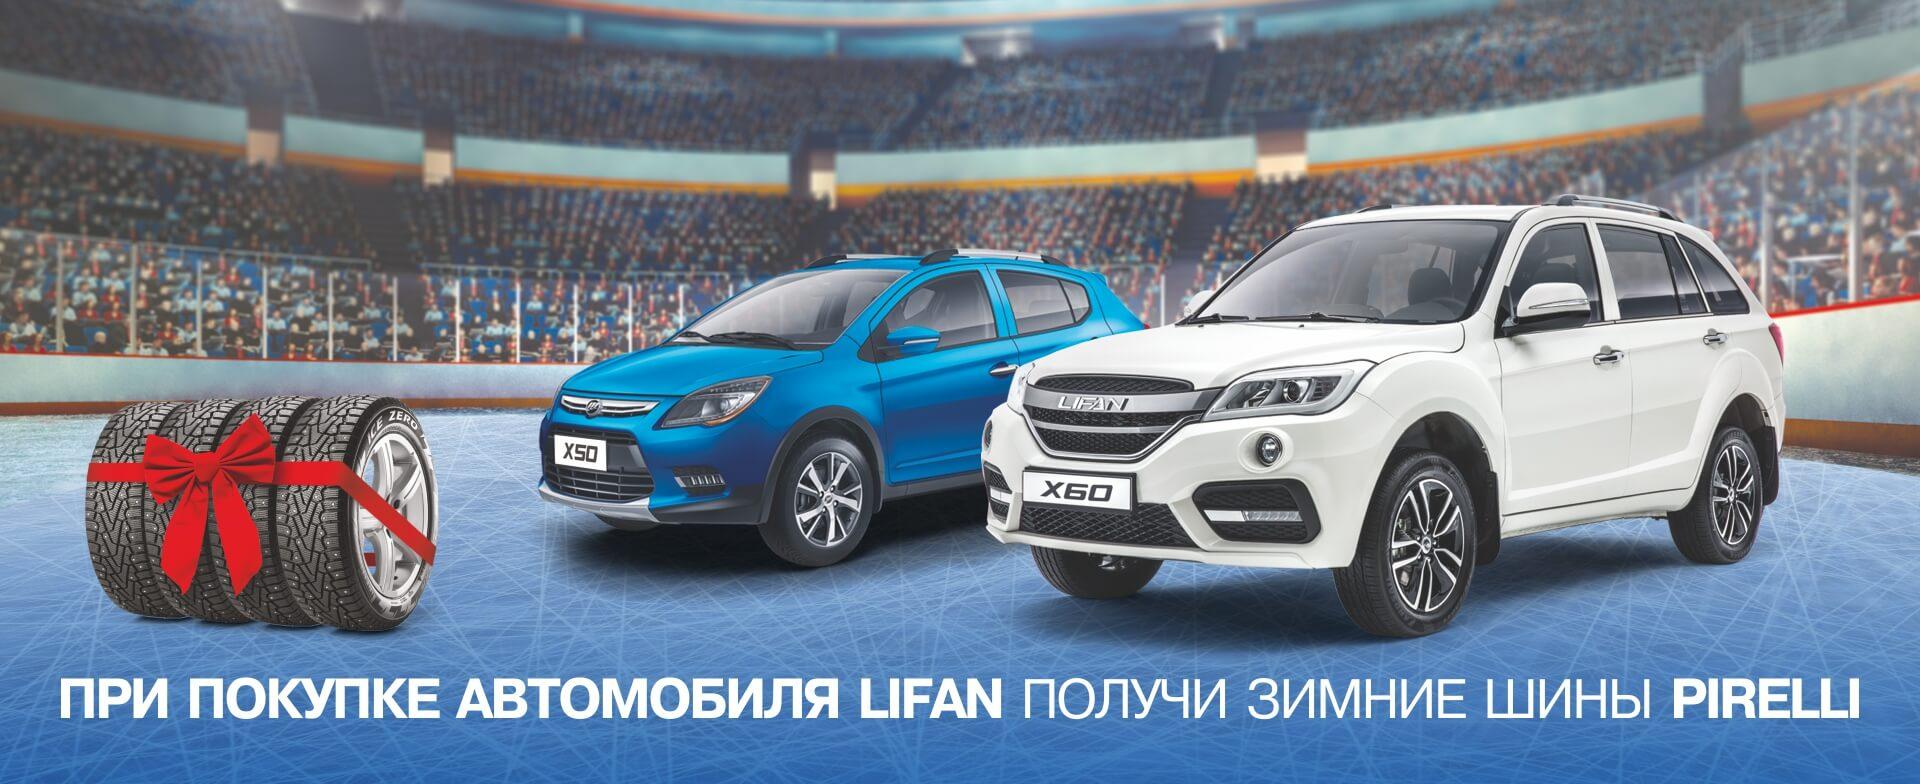 У зимы свои чемпионы! При покупке автомобиля LIFAN зимние шины в ПОДАРОК!